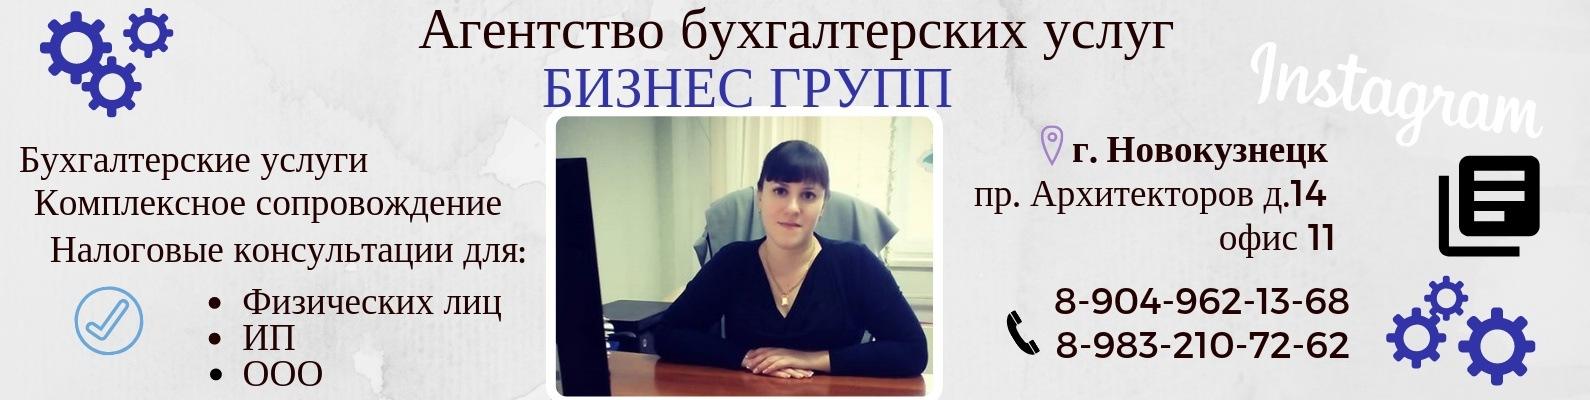 Агенство по бухгалтерским услугам книга бухгалтера в помощь